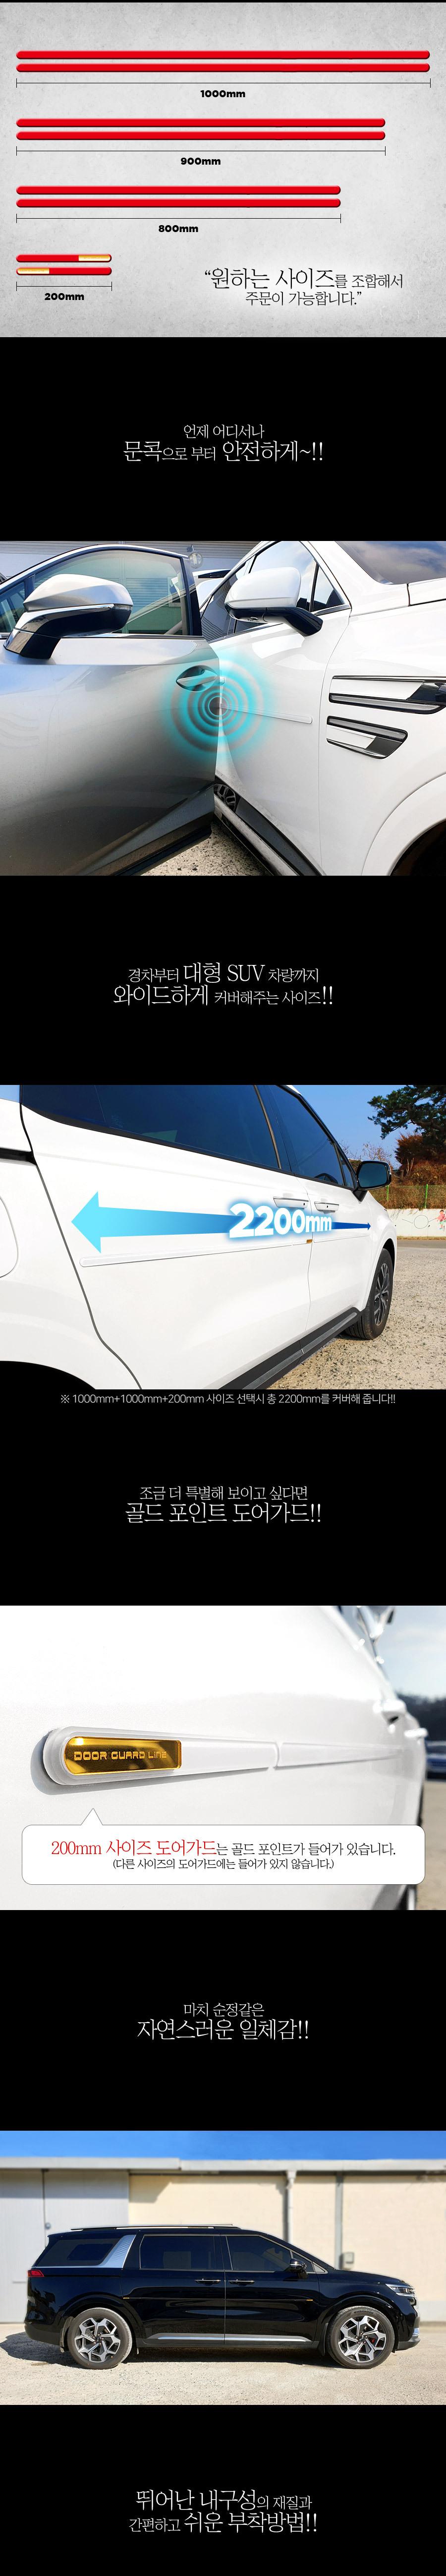 akan-door-guard_02.jpg